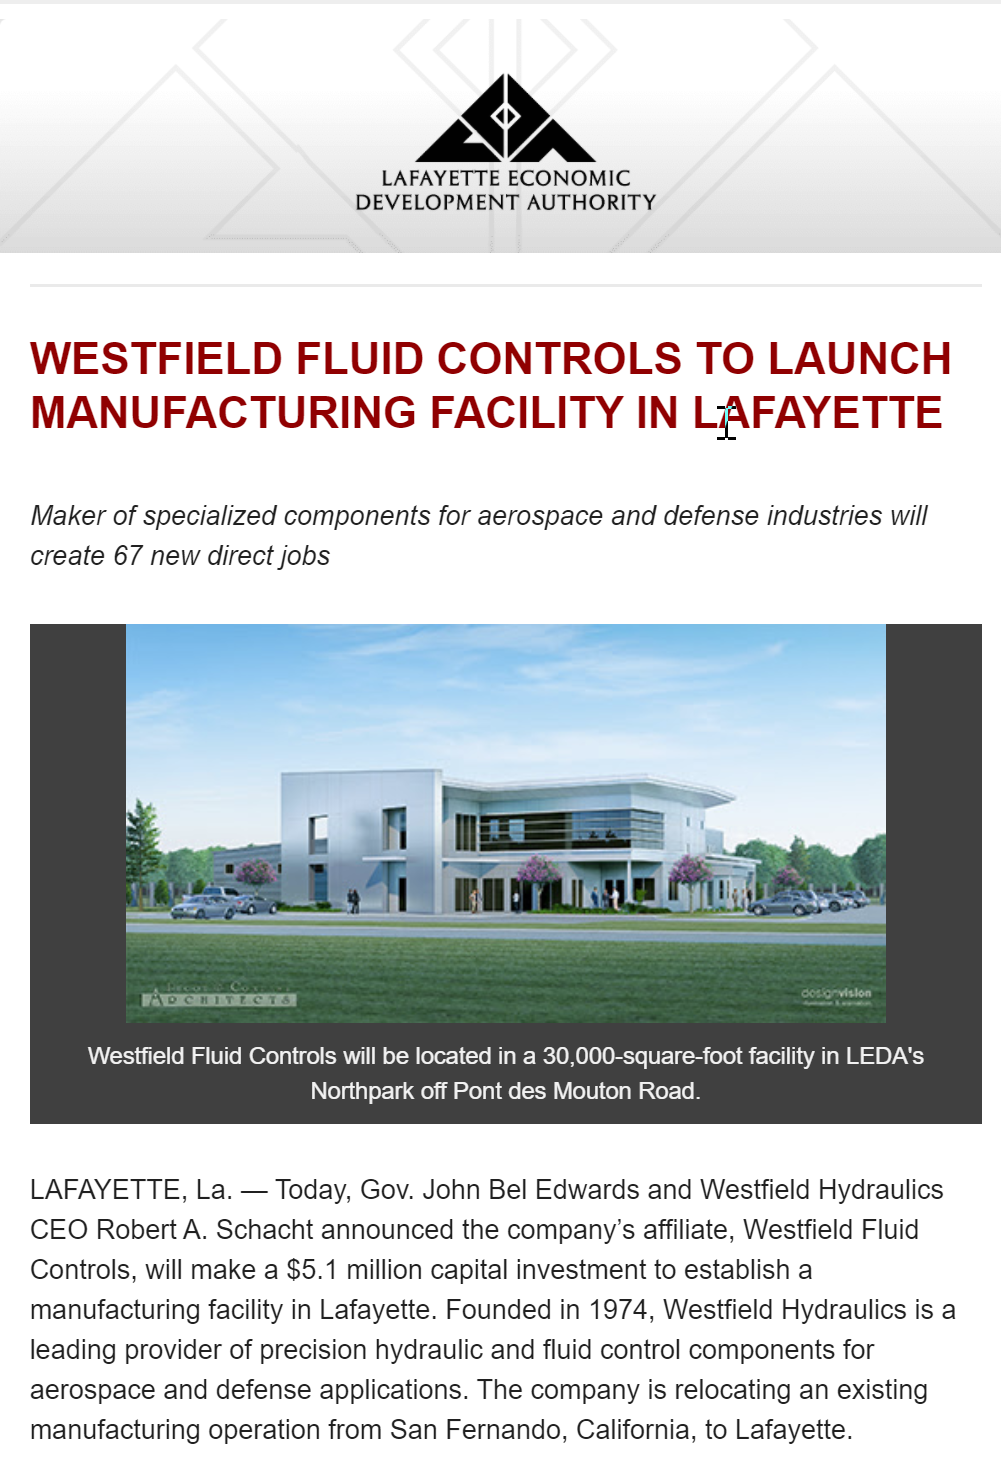 westfield fluid controls announcement